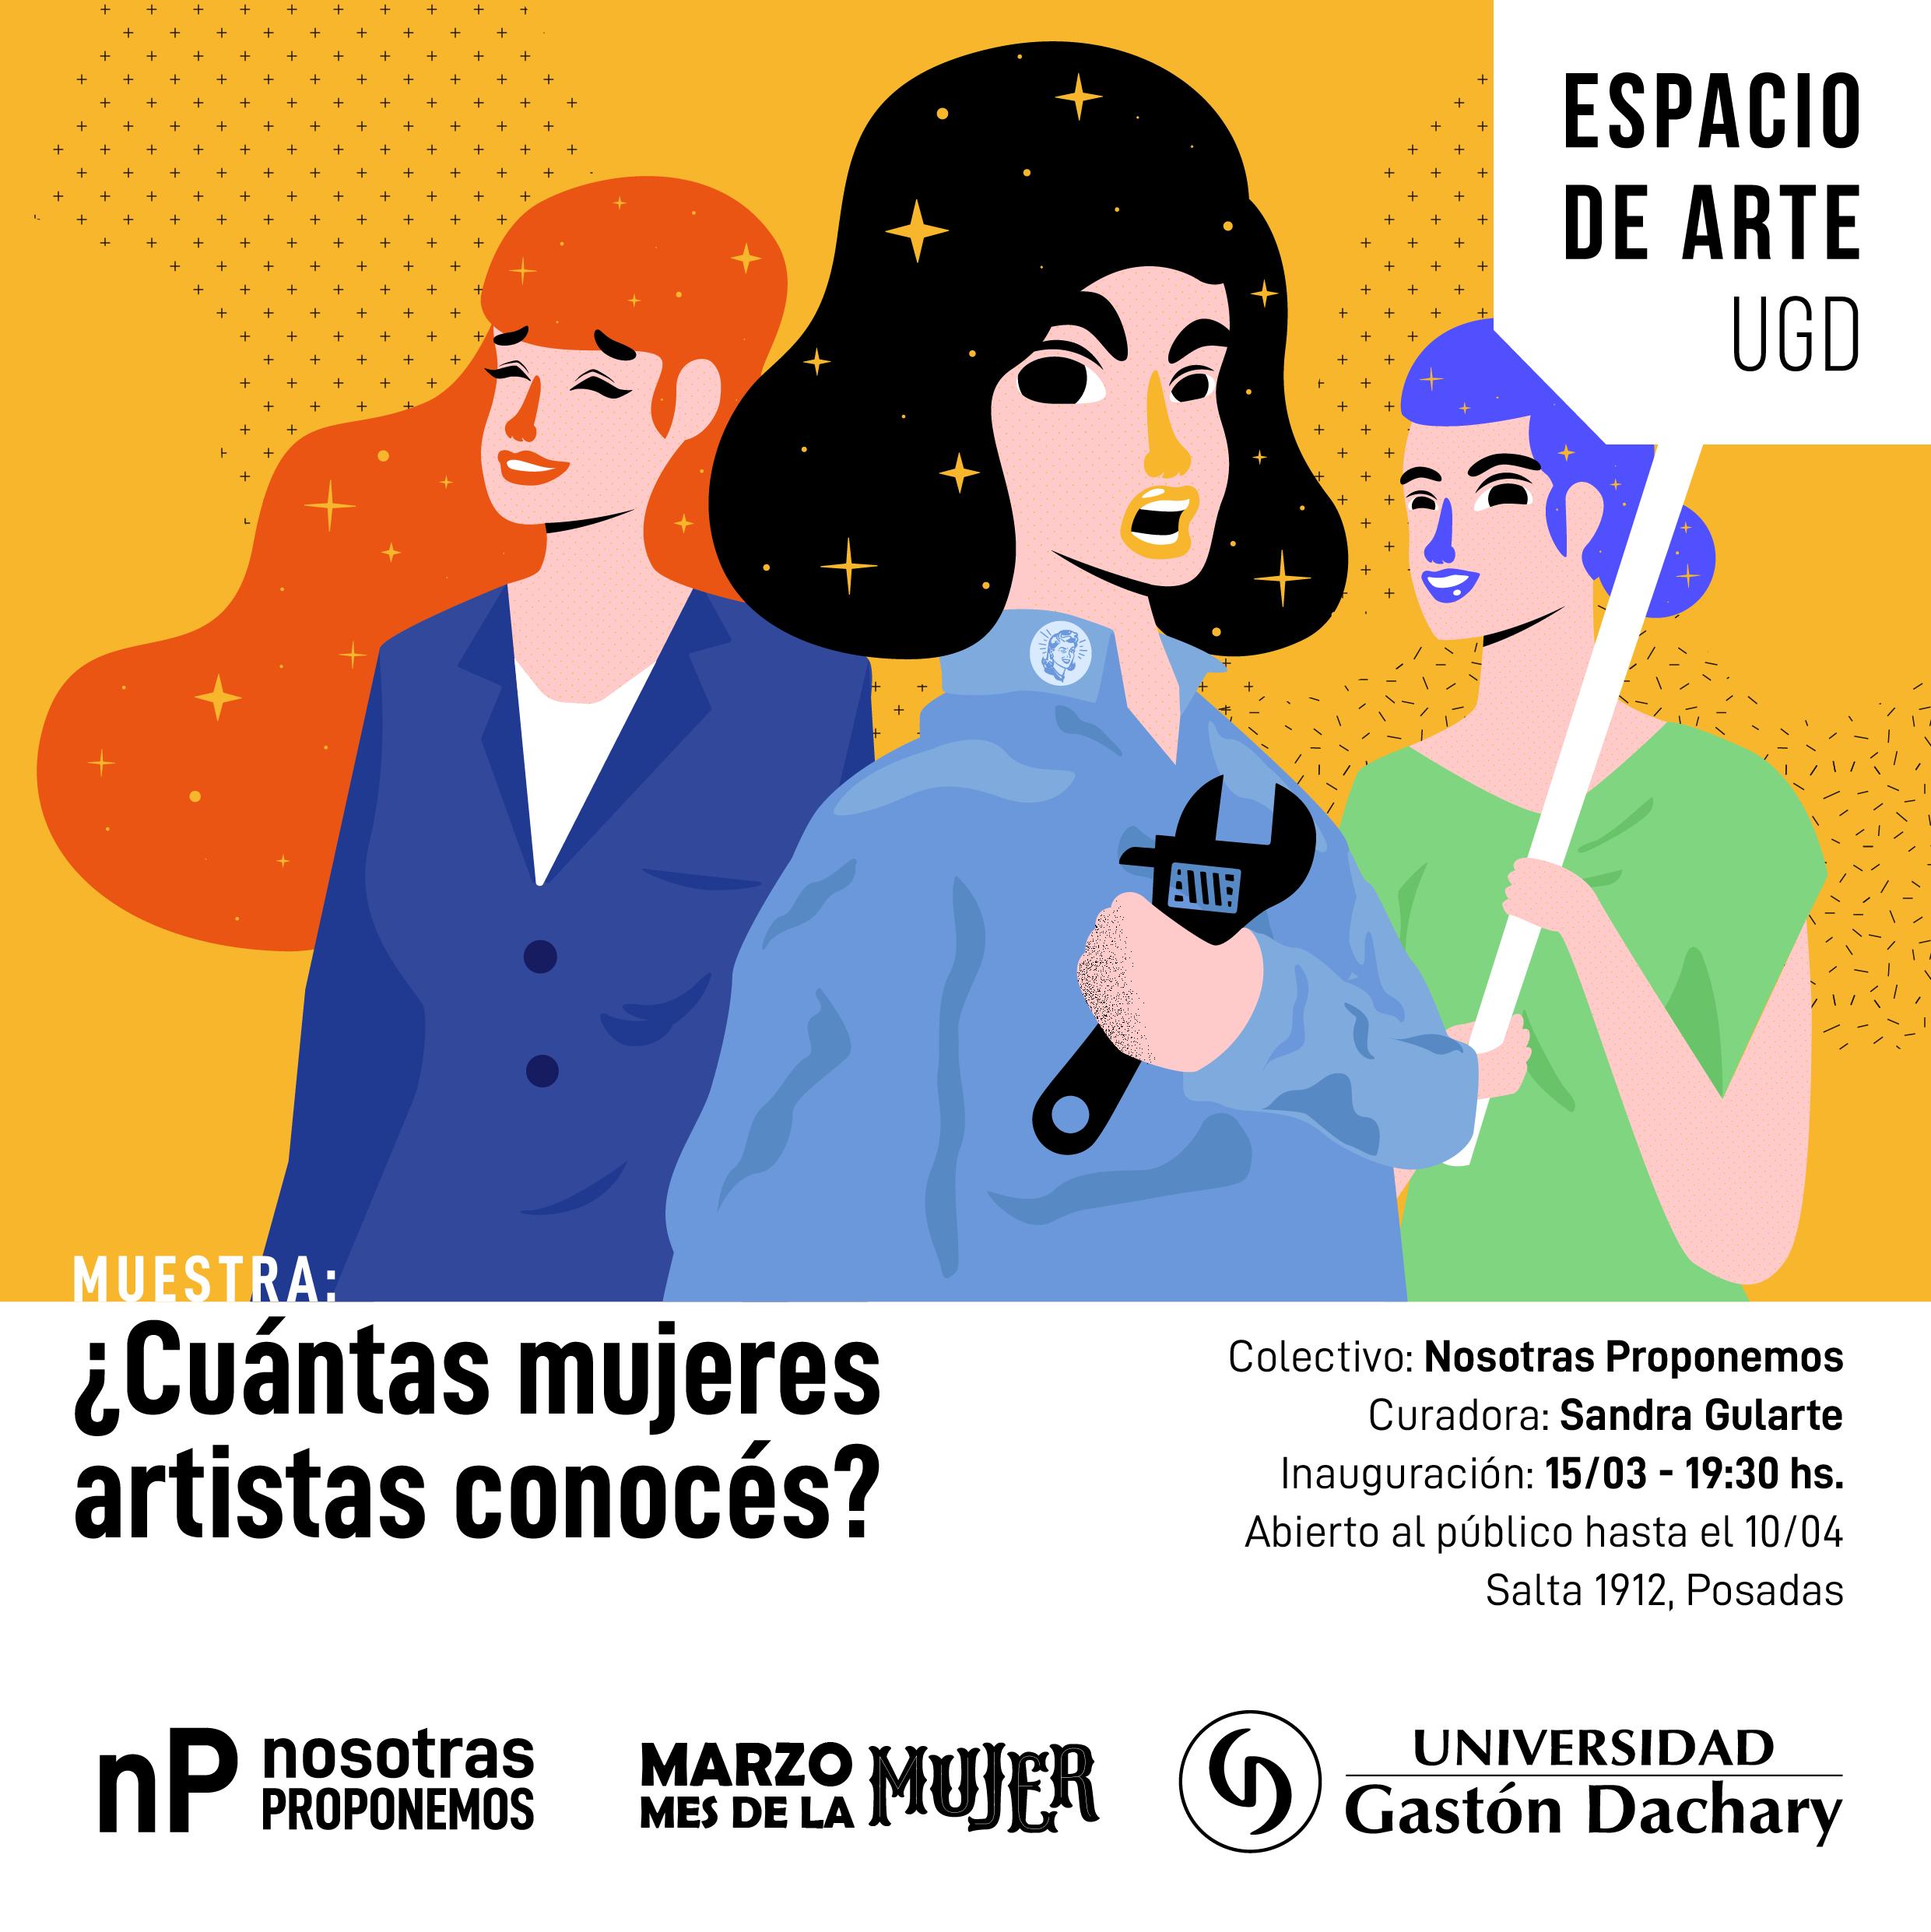 El Espacio de Arte de la UGD inaugura el viernes una muestra dedicada a las artistas misioneras